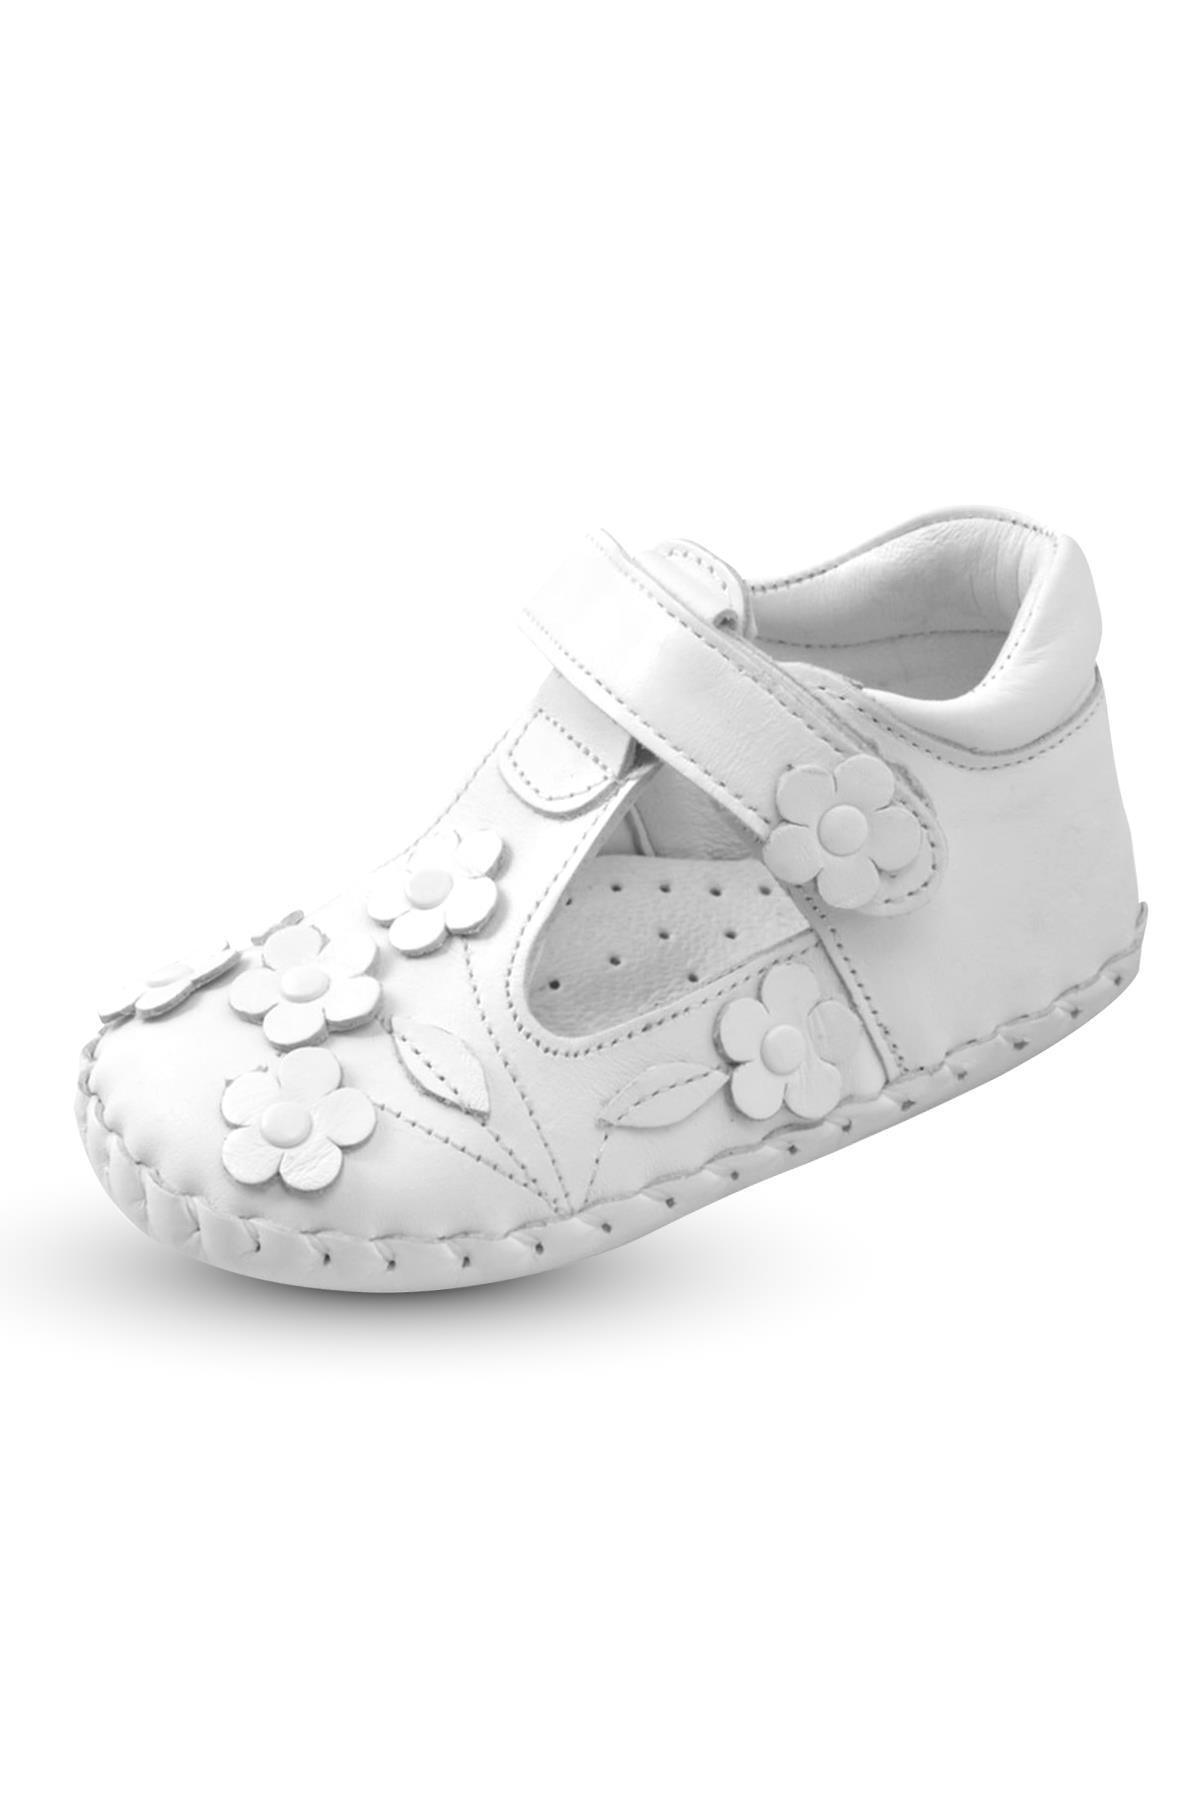 KAPTAN JUNIOR Ilkadım Hakiki Deri Kız Bebek Çocuk Ortopedik Ayakkabı Patik 2